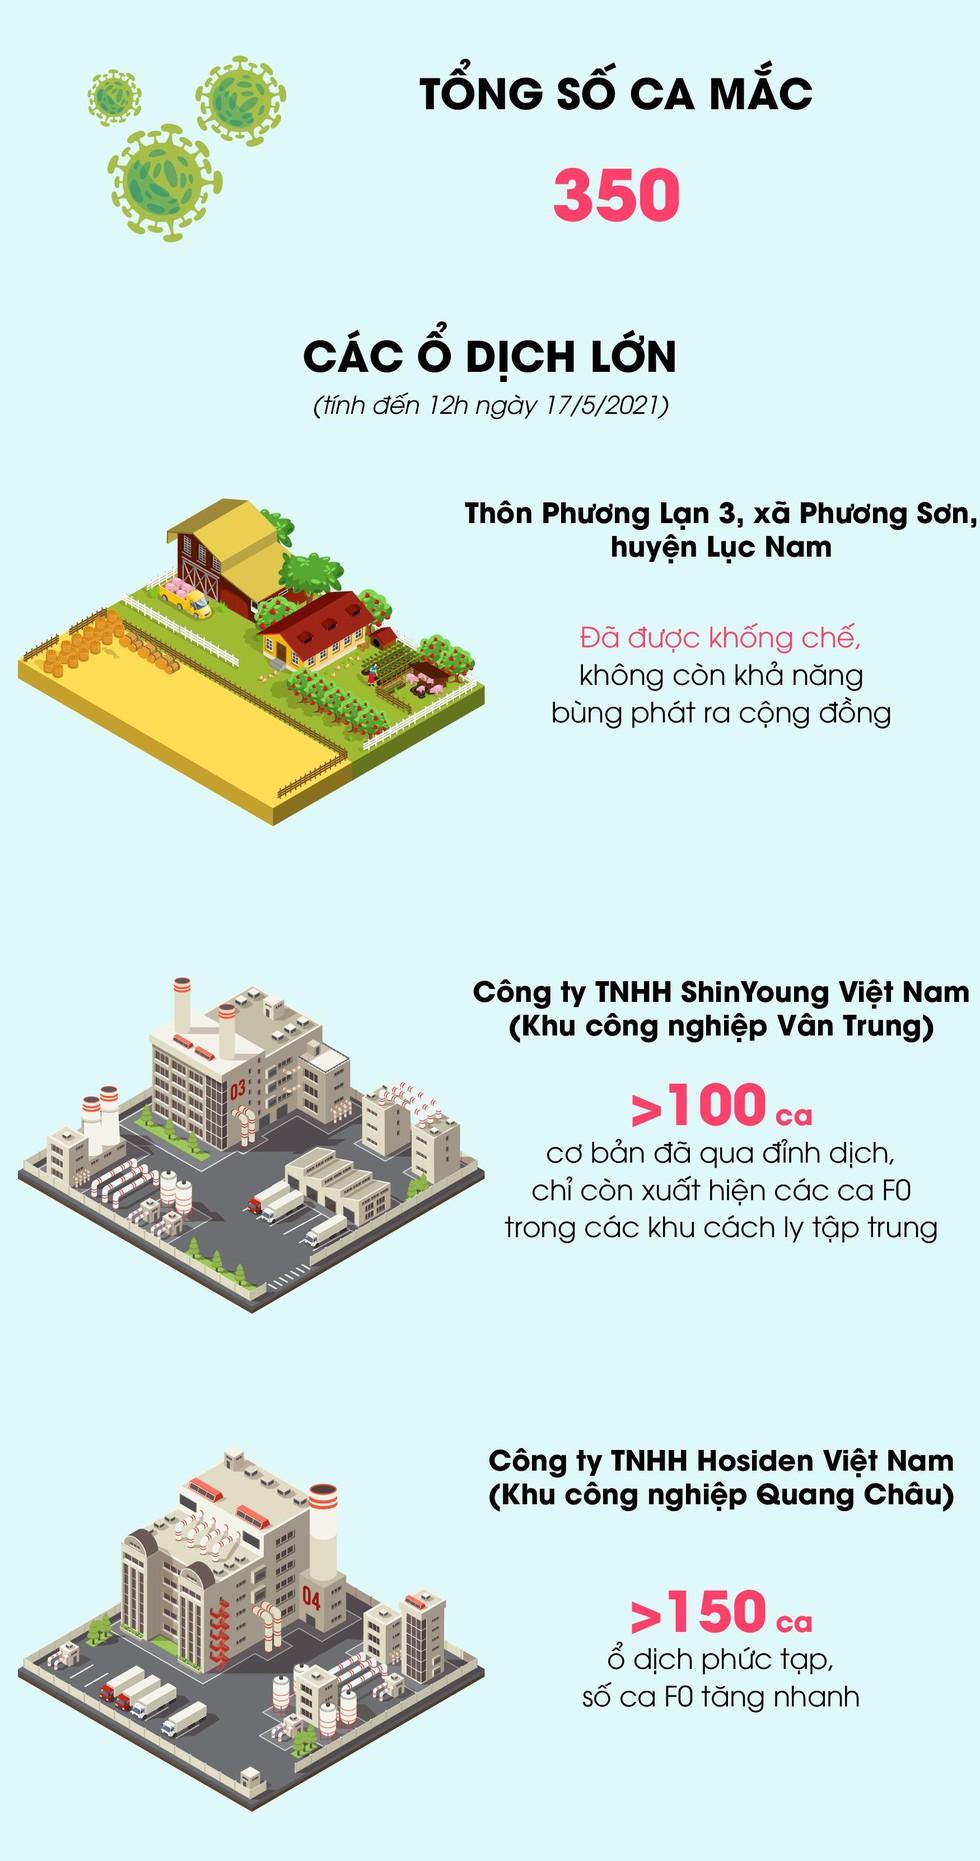 [Infographic] Các ổ dịch Covid-19 tại Bắc Giang ảnh 1